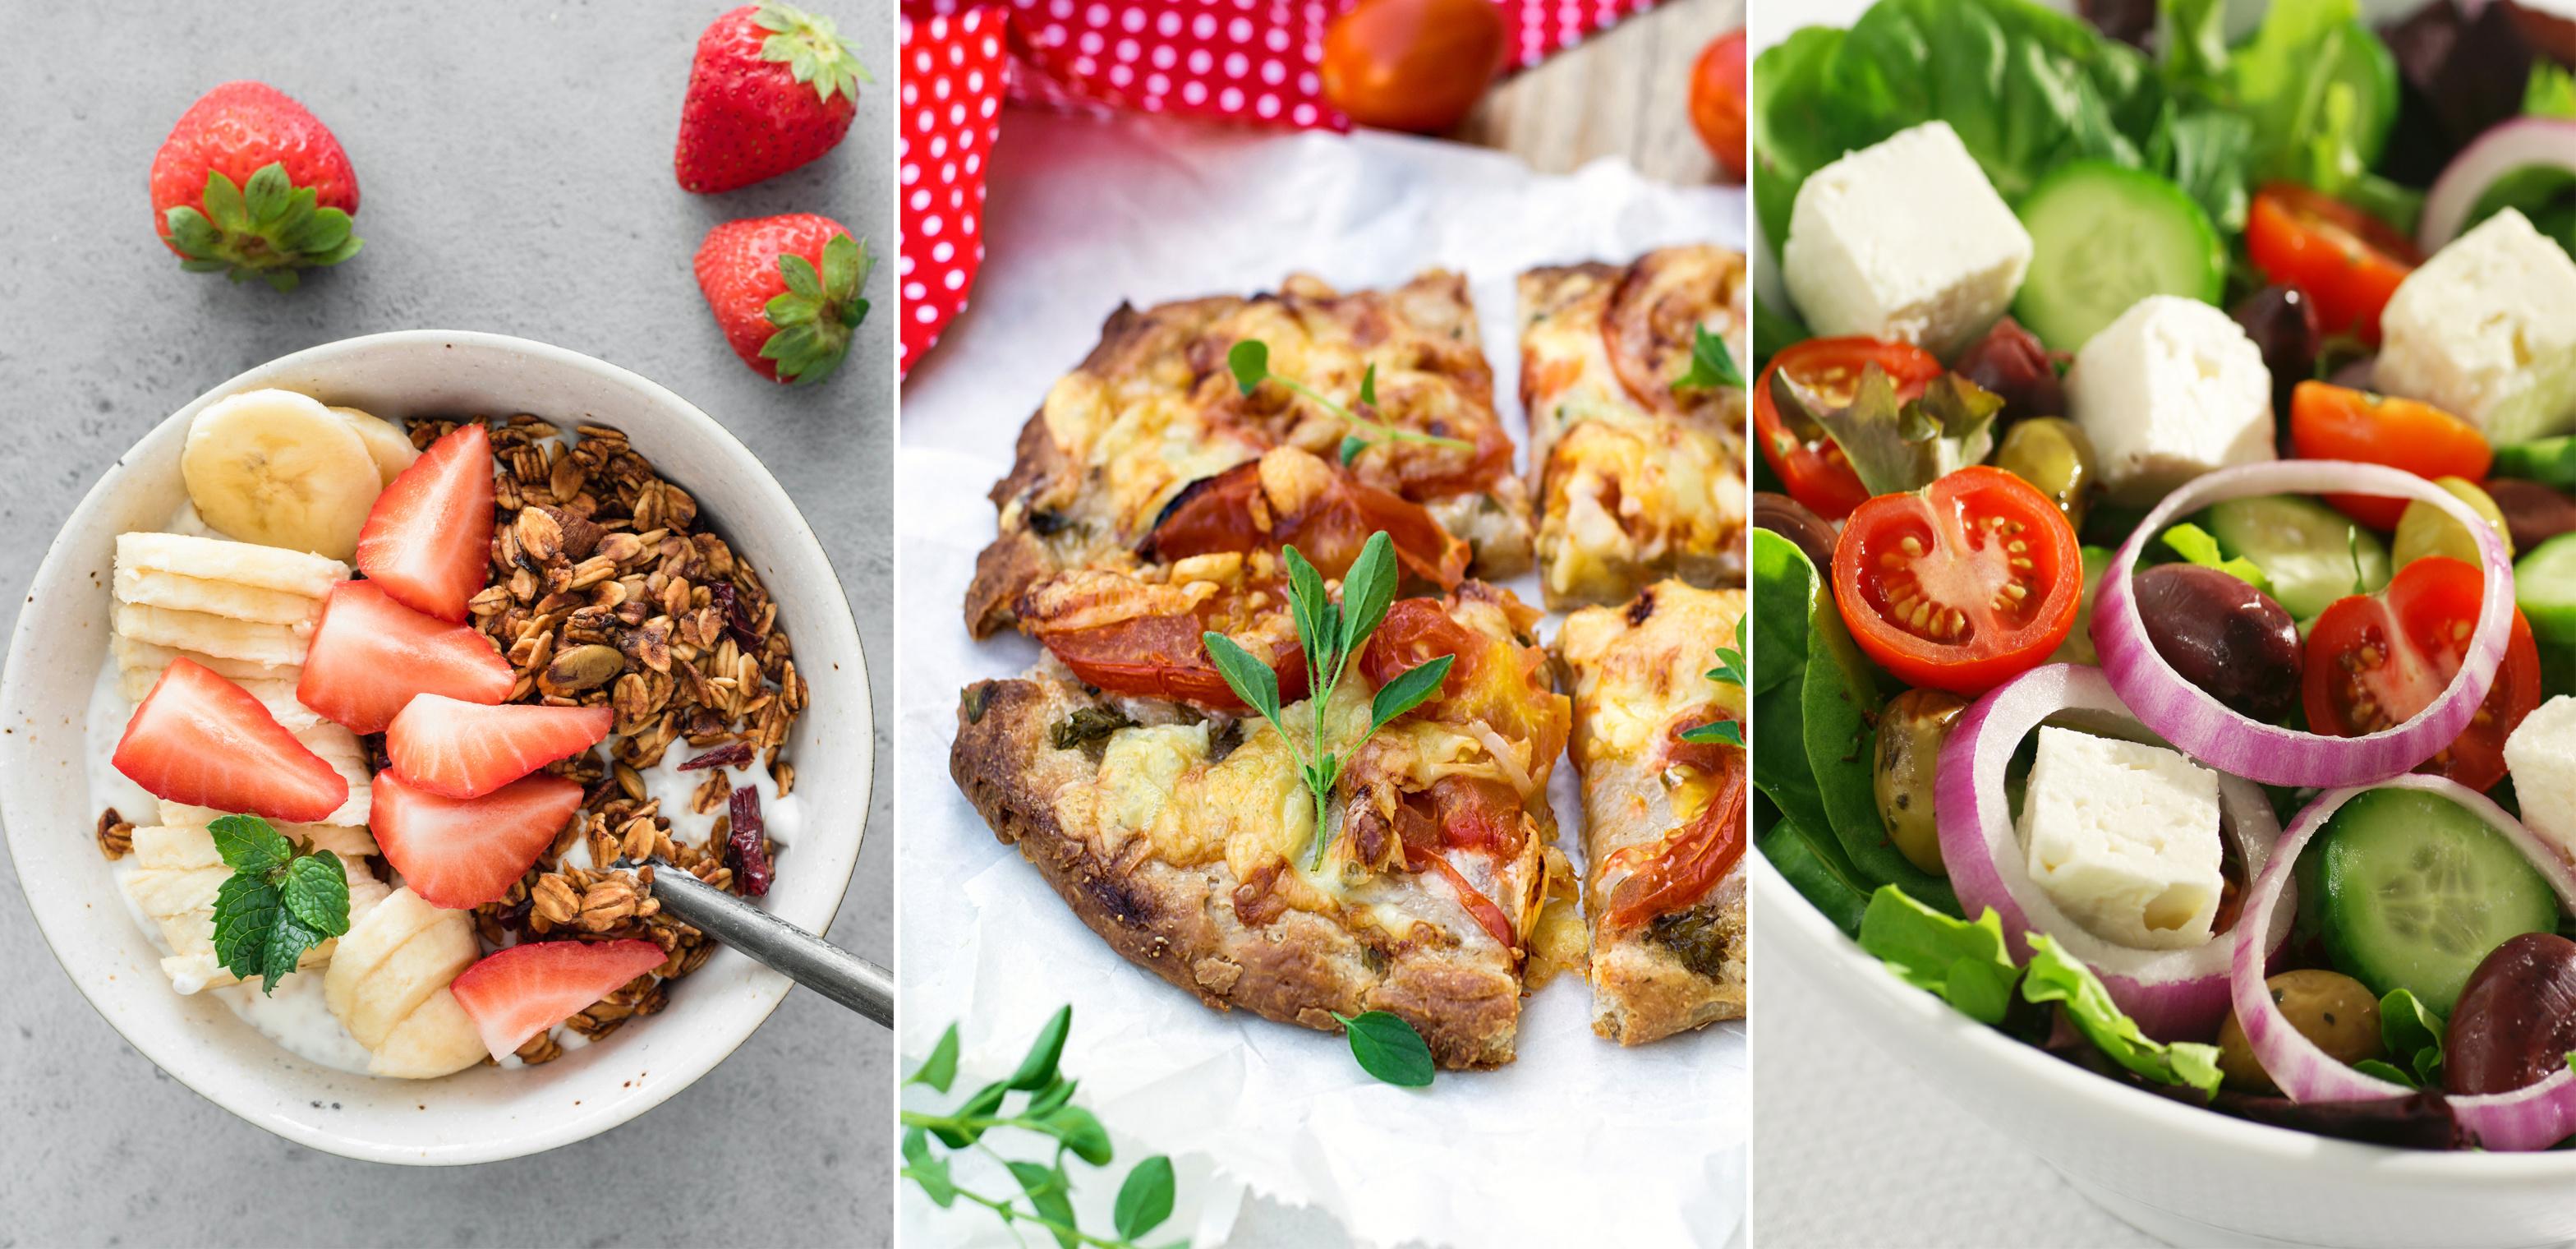 mediterrán diéta mintaétrendek